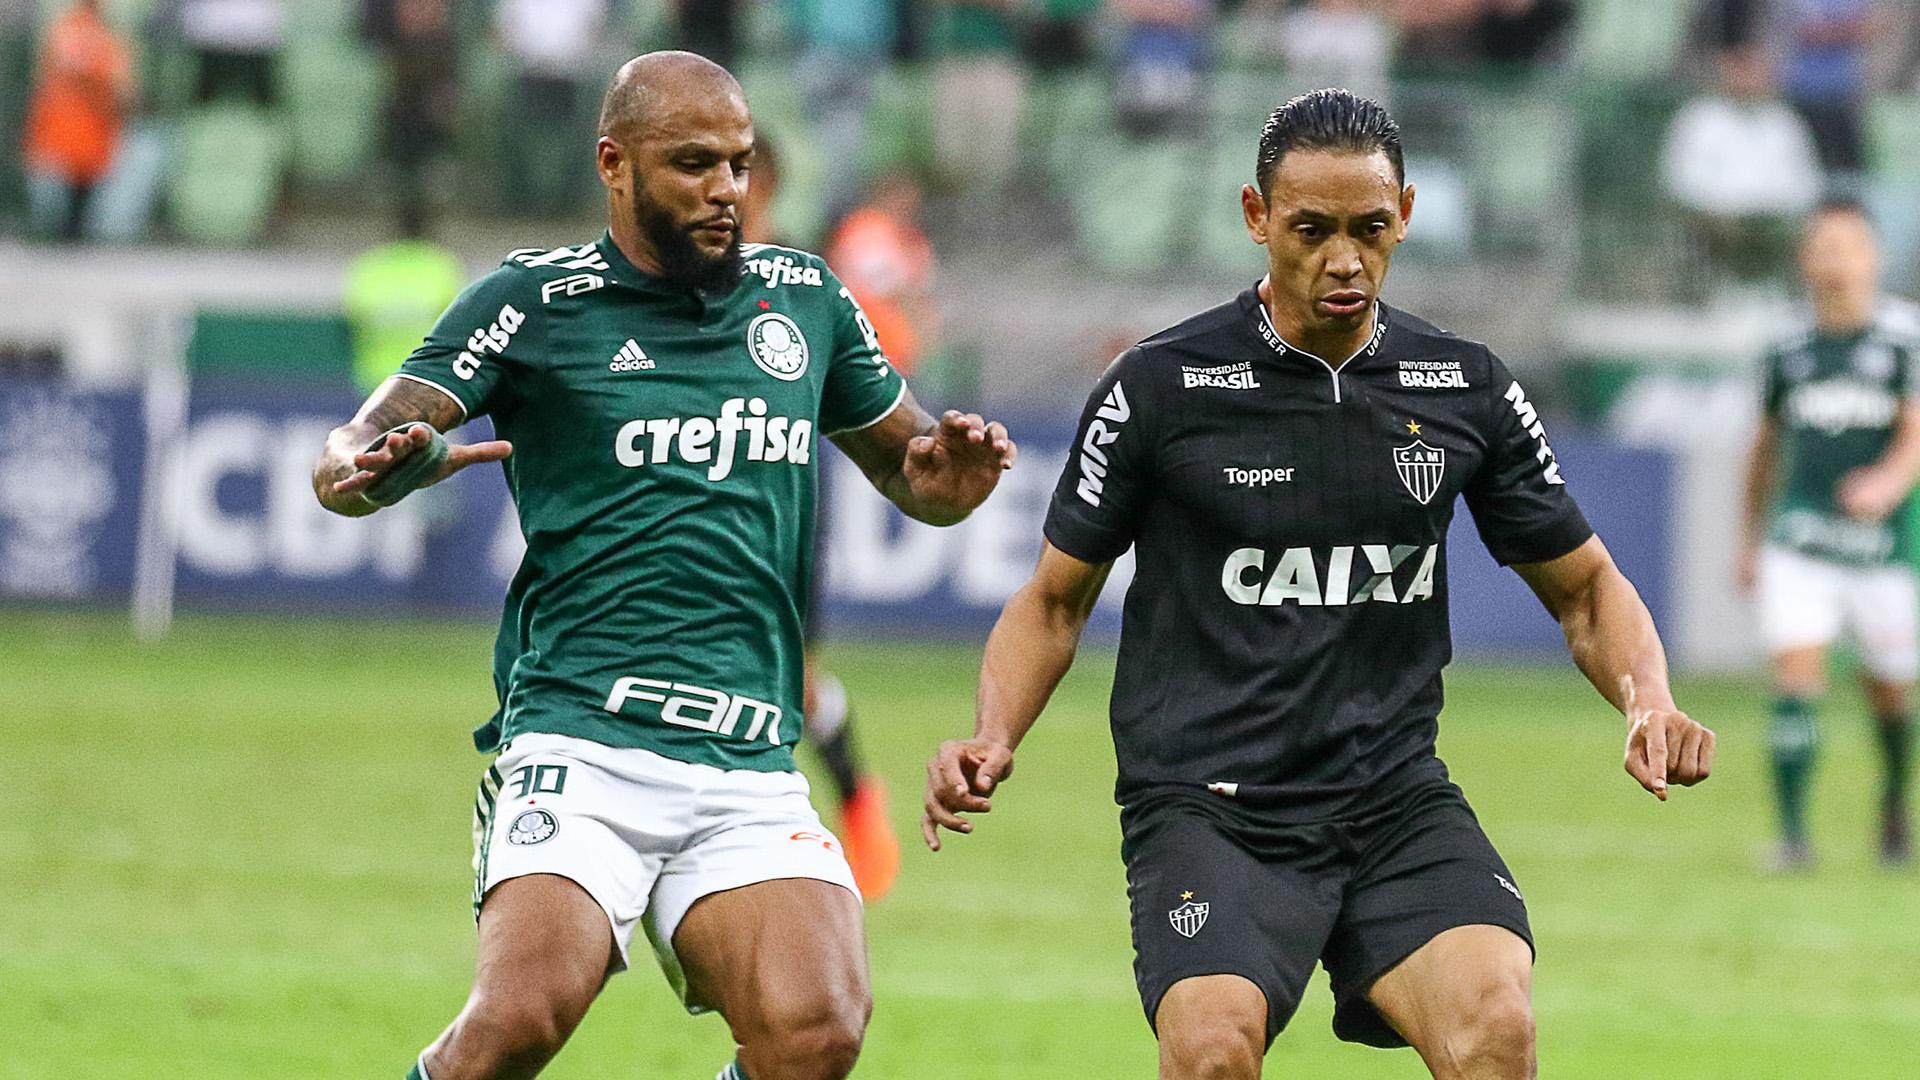 Ricardo Oliveira Felipe Melo Palmeiras Atletico-MG Brasileirao Serie A 22072018